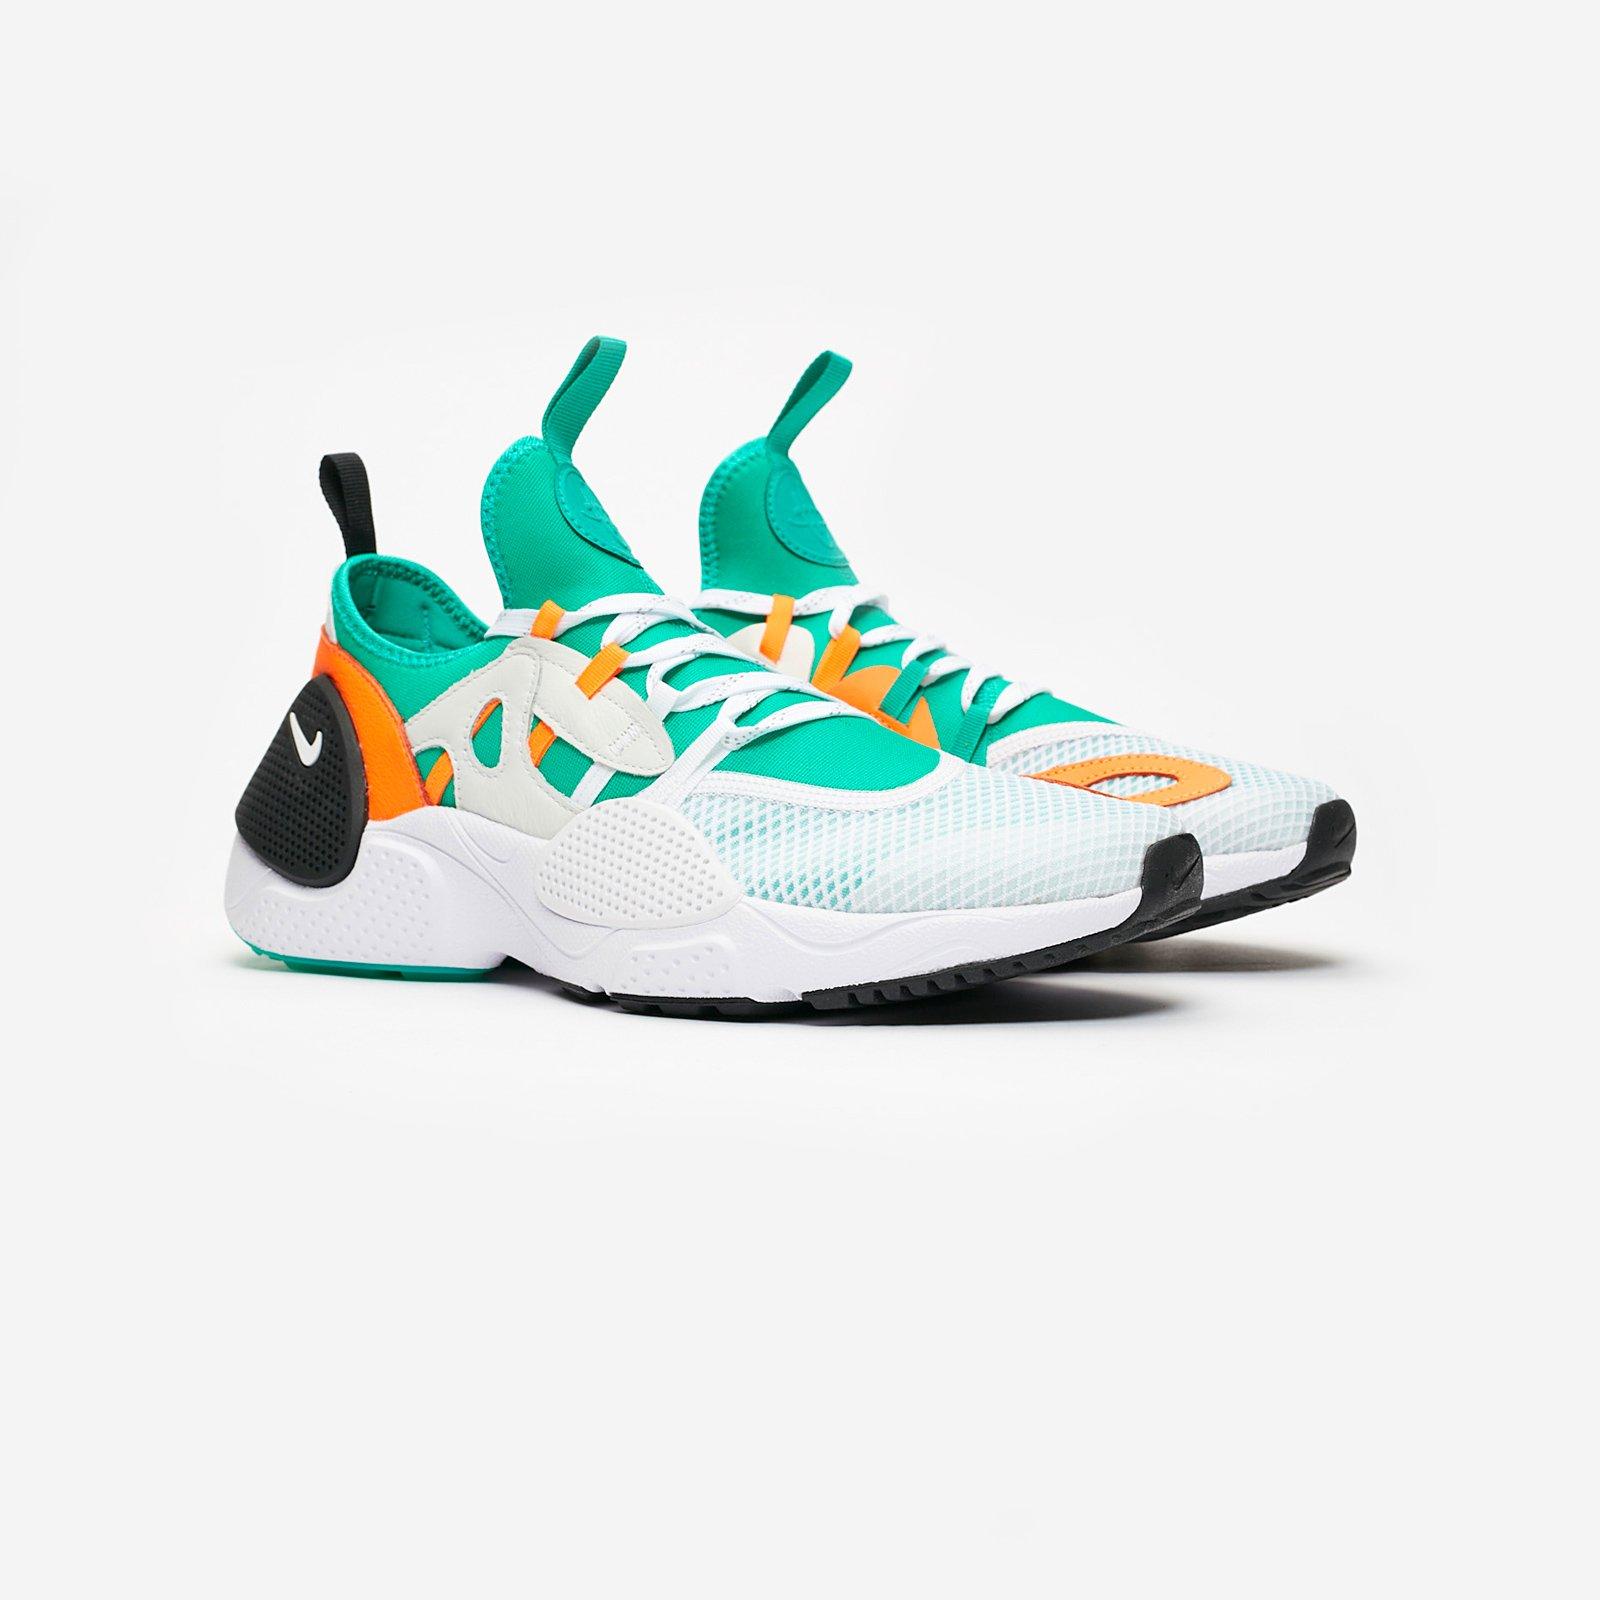 new product dc214 e64db Nike Sportswear Huarache E.D.G.E TXT QS